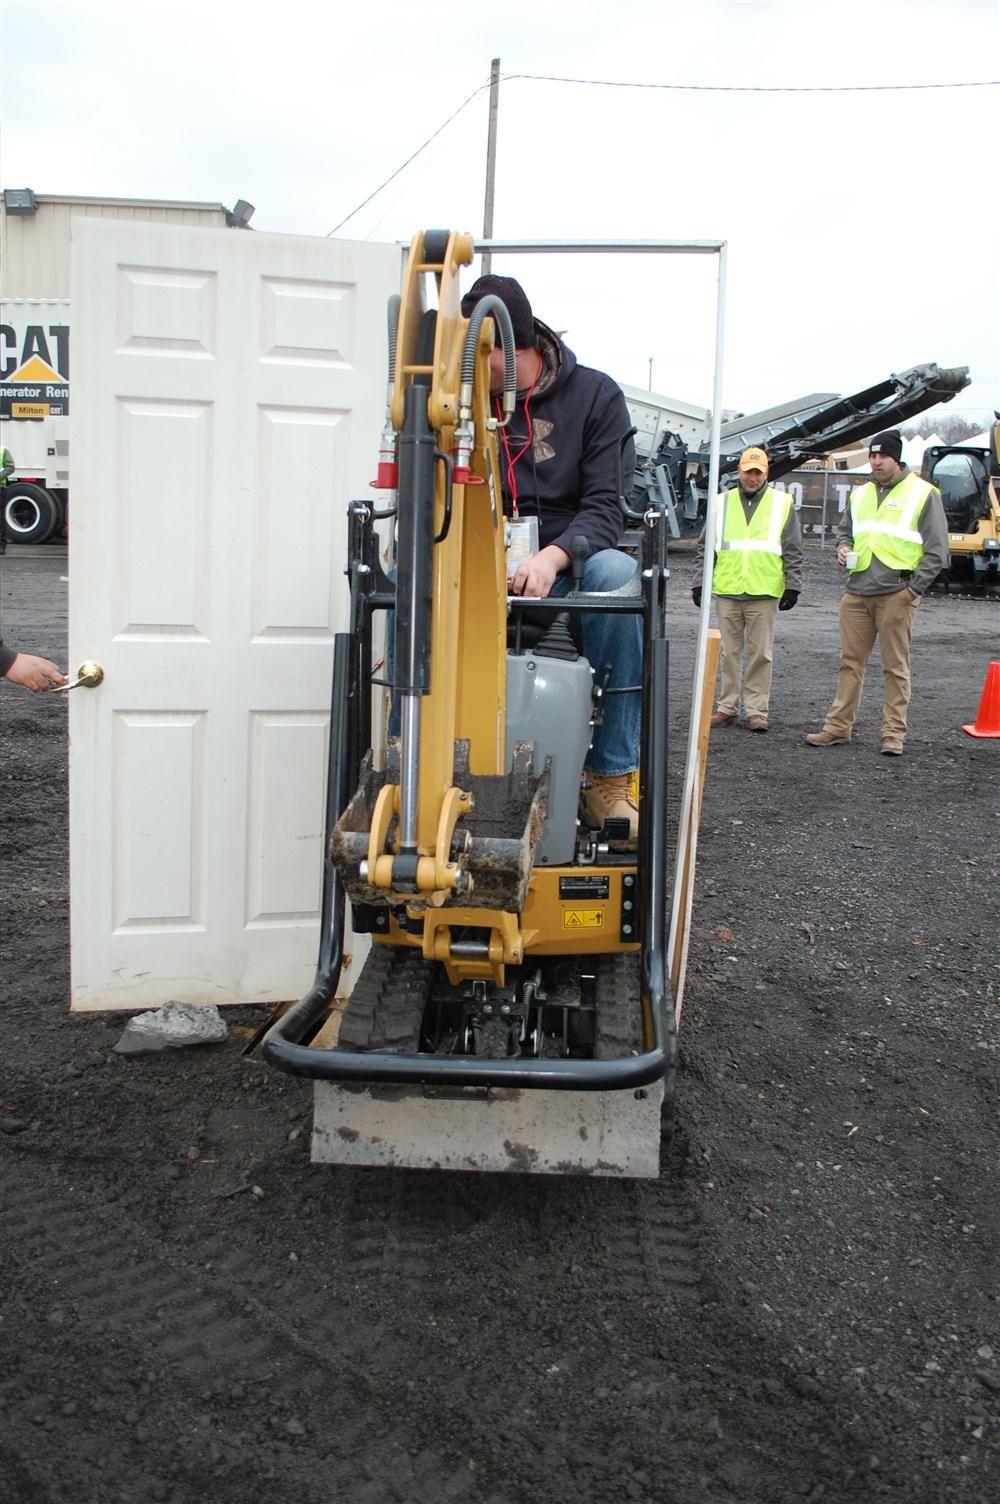 Nick Zielinski of Zielinski Asphalt in Oriskany, N.Y., demonstrates his skills as an operator by driving the excavator through a doorway.